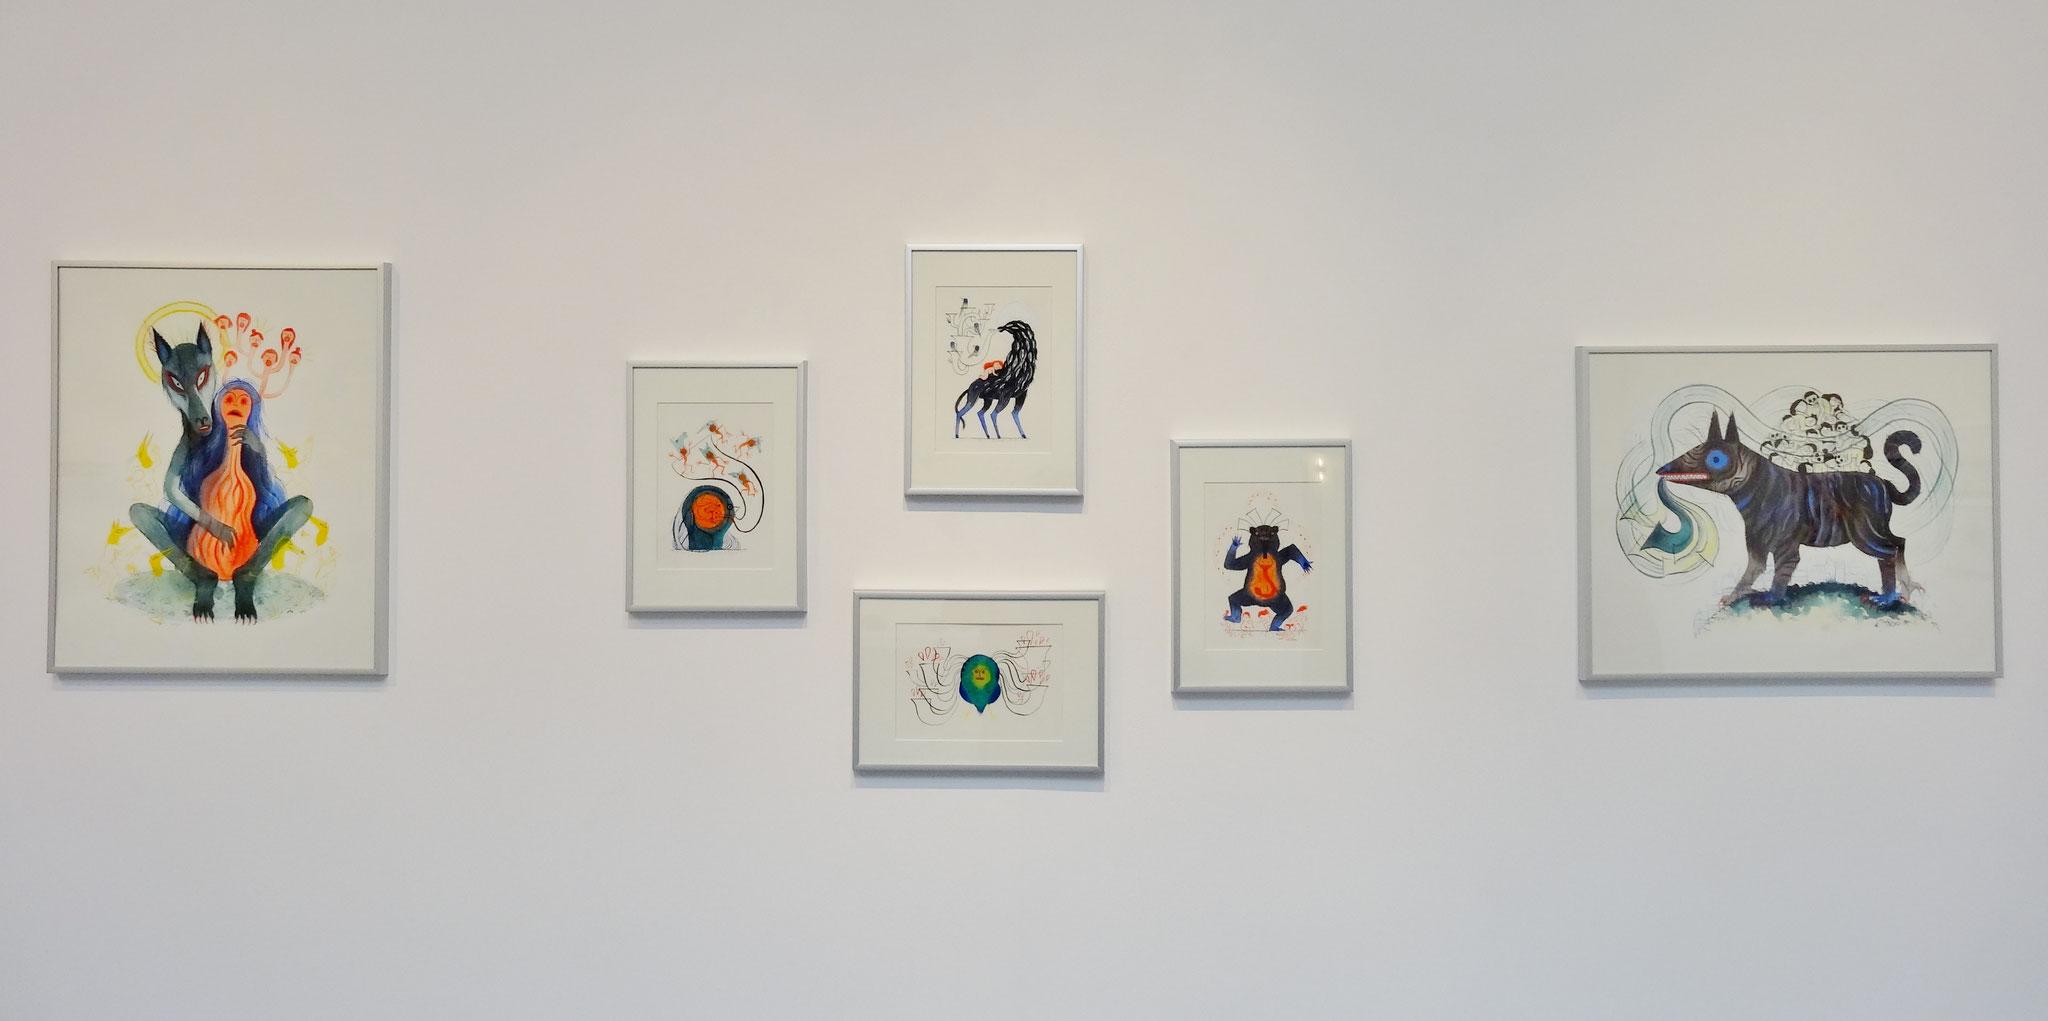 Karine Bernadou, aquarelles sur papier Arches 300 gr., 14,8 x 21 cm, 2016. En haut : Le mauvais cheval. En bas : La femme hibou. A gauche : Les petites voix. A droite : La danse de l'ours.